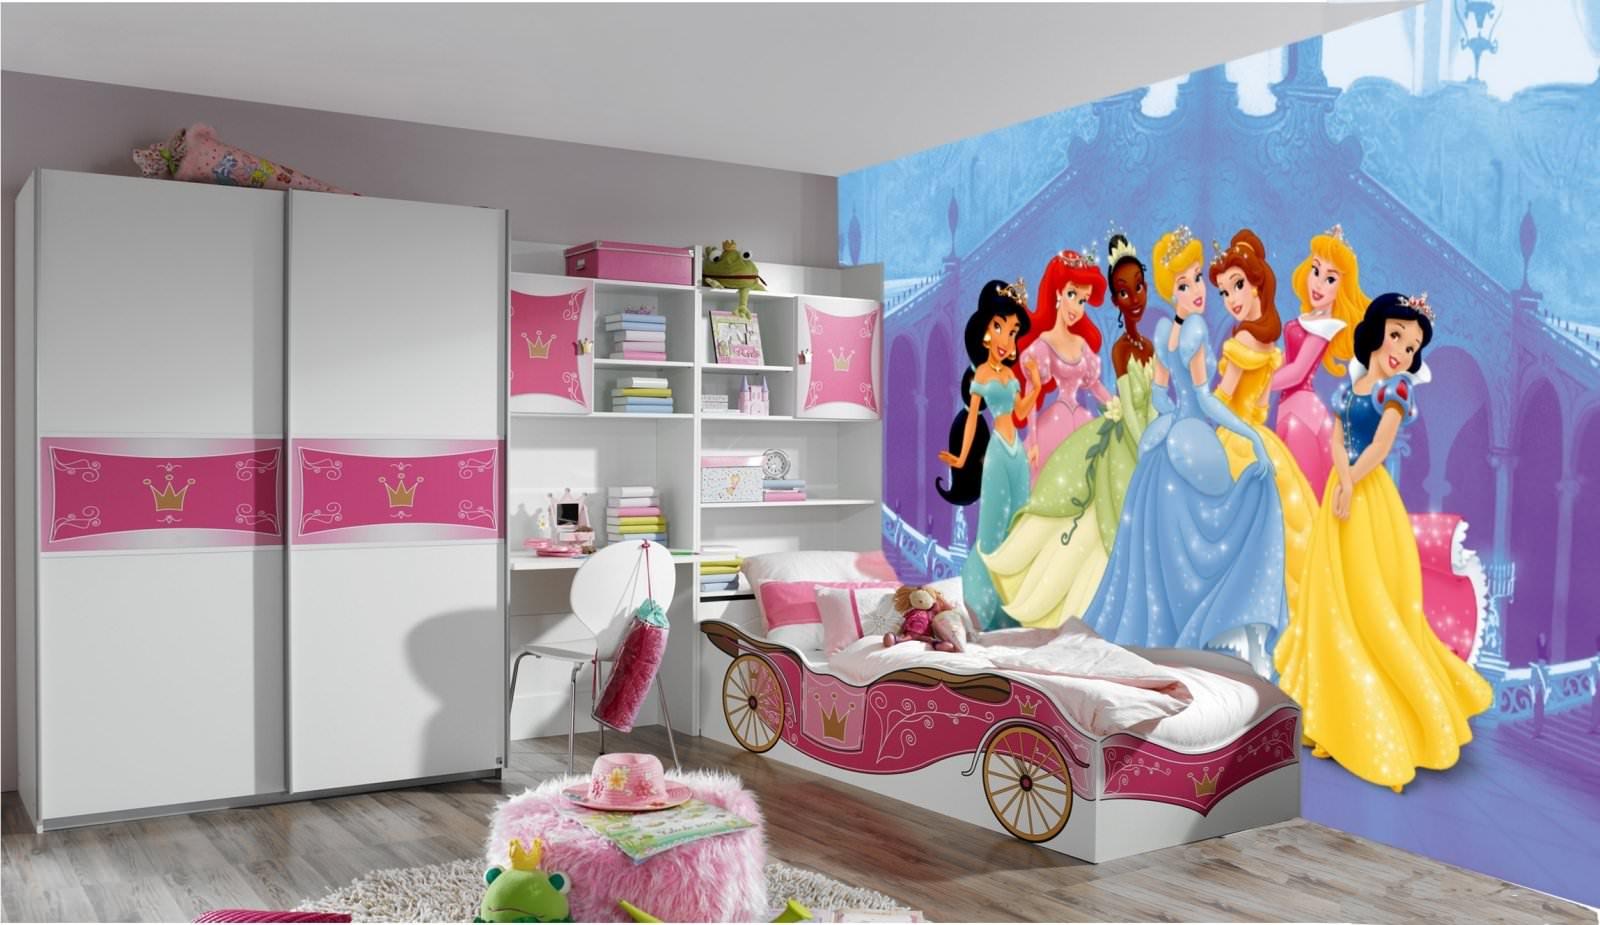 Déco chambre princesse disney - Exemples d\'aménagements